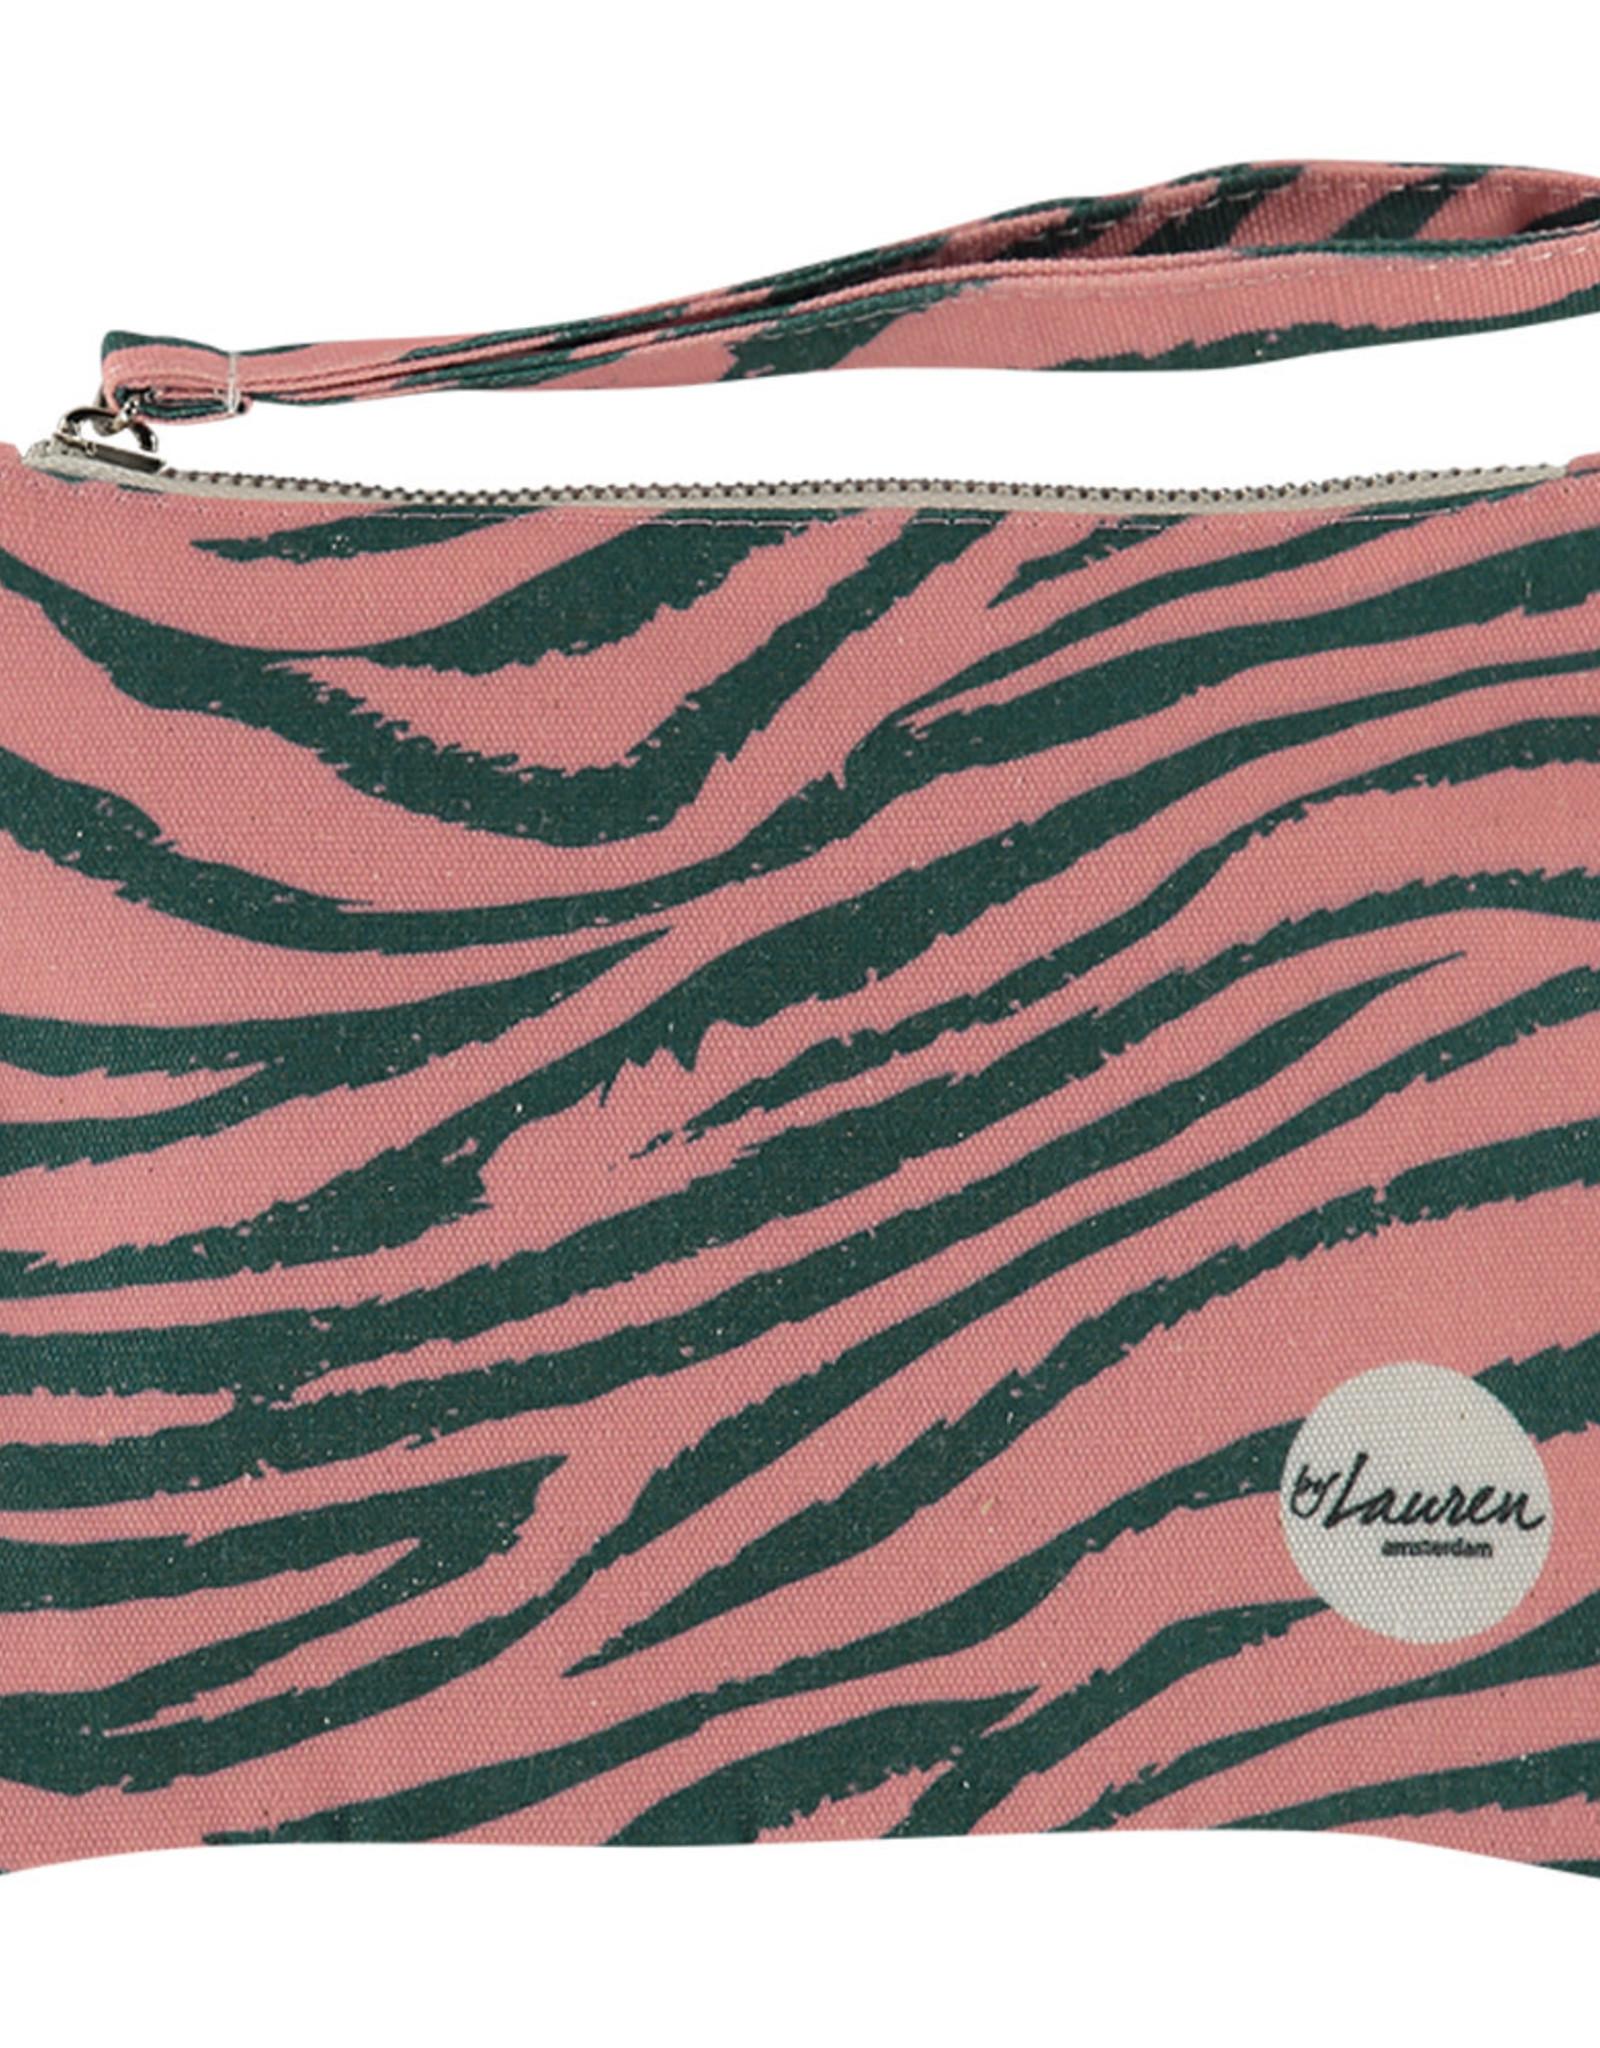 By lauren Amsterdam By Lauren Amsterdam tiger camuflage clutch